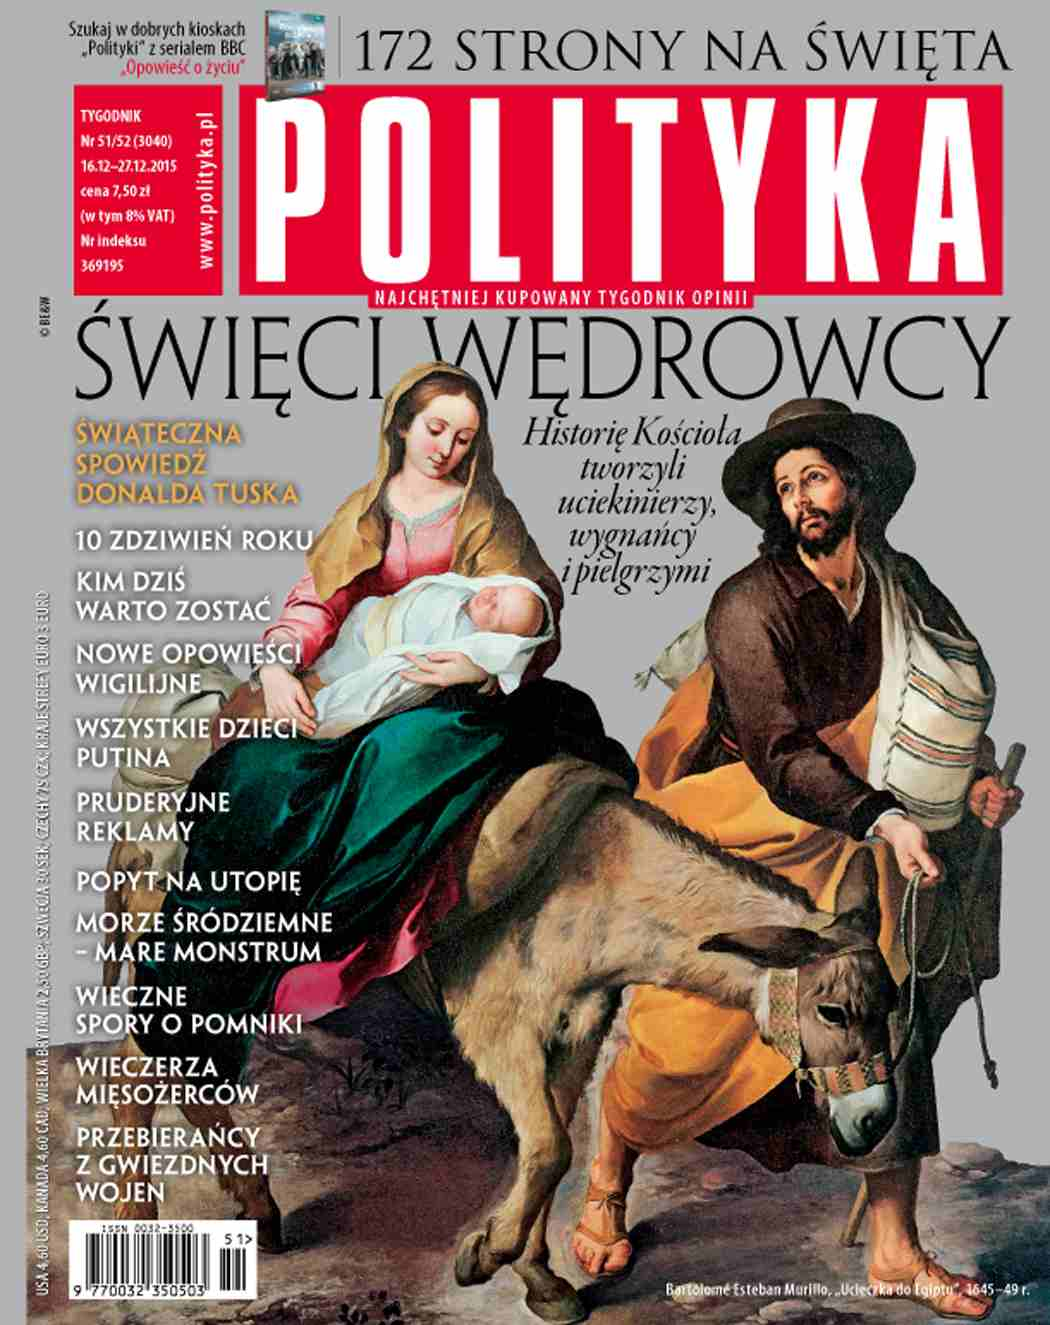 Polityka nr 51/52/2015 - Ebook (Książka PDF) do pobrania w formacie PDF